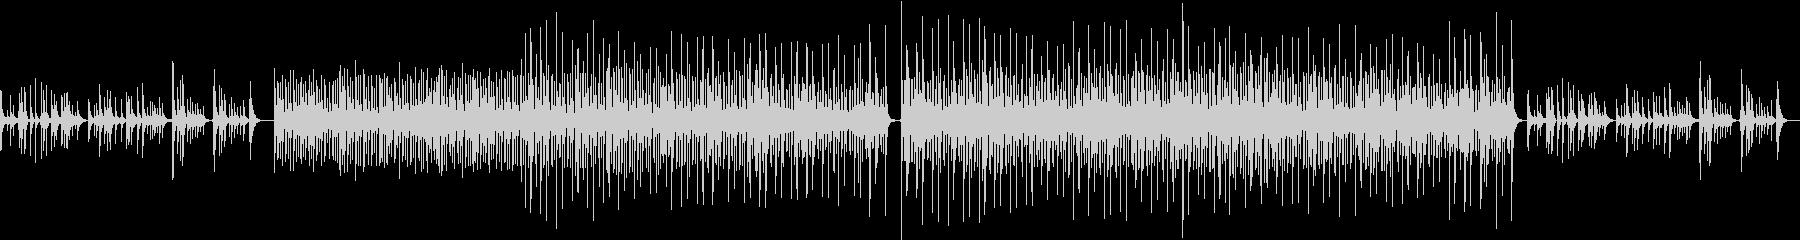 弦楽器と打楽器のどっしりとしたBGMの未再生の波形